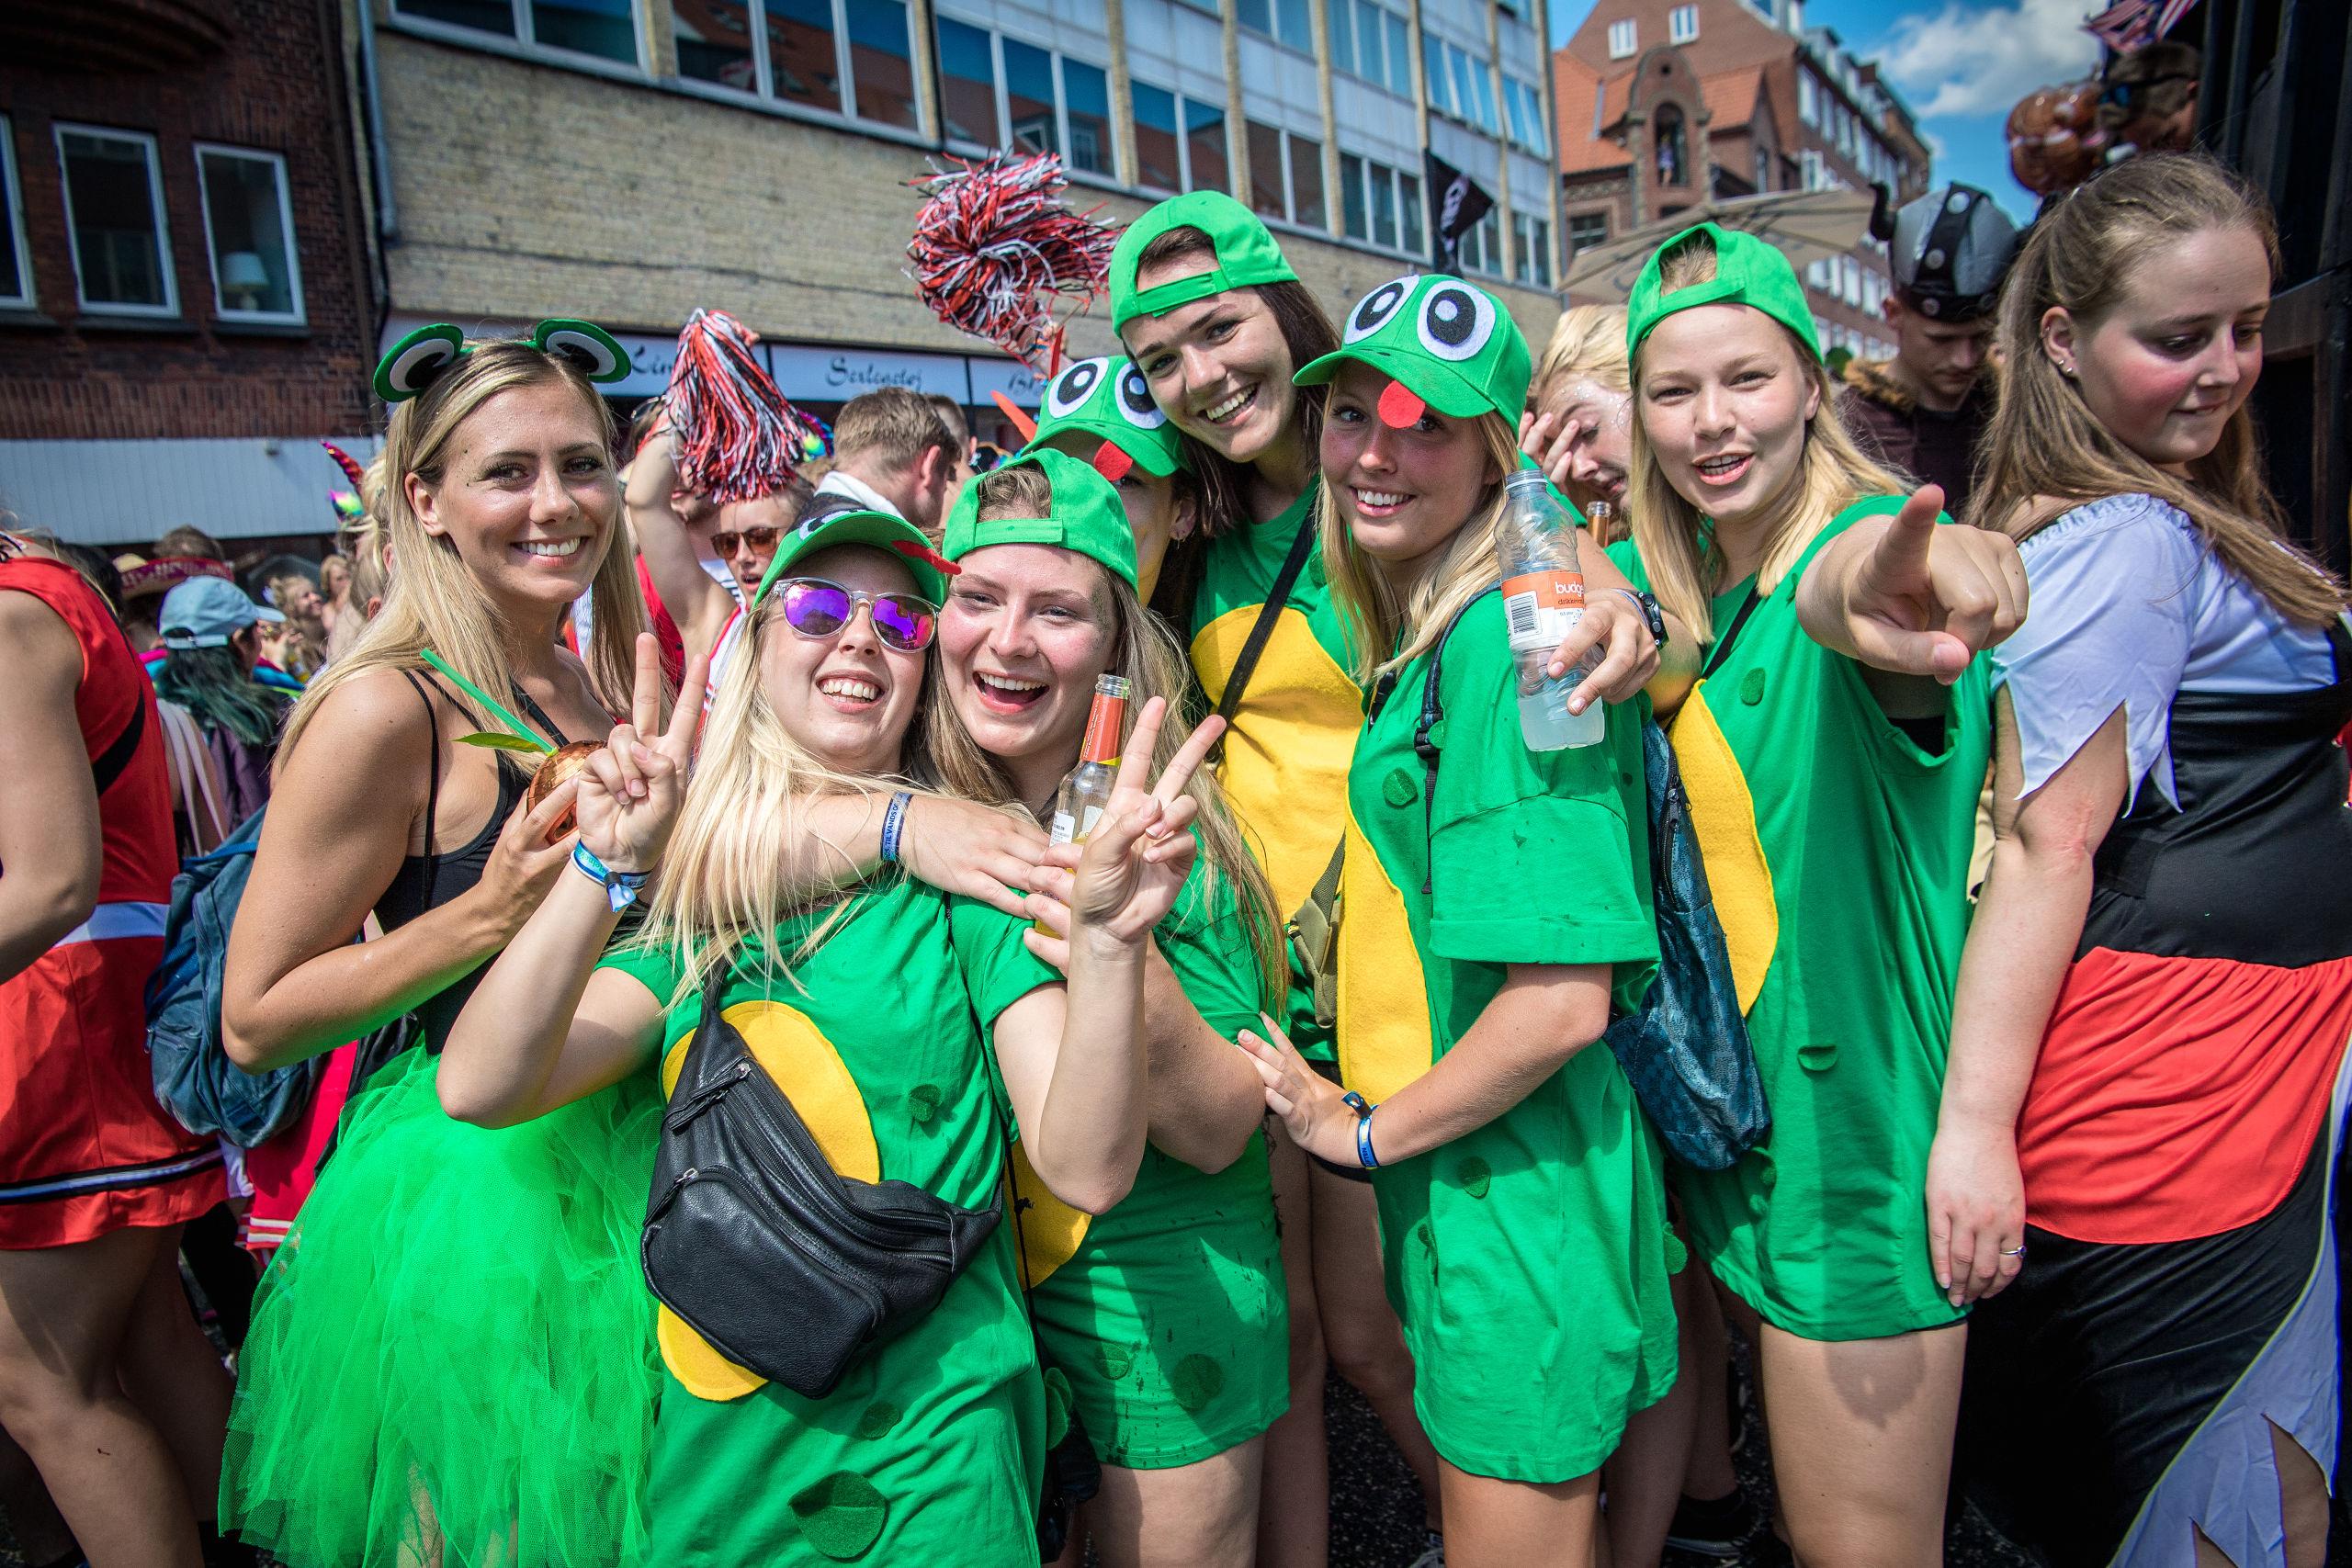 Karneval har vokseværk i disse år - og meget skal gå galt, hvis ikke versionen anno 2019 bliver årets fest. Arkivfoto: Martin Damgård